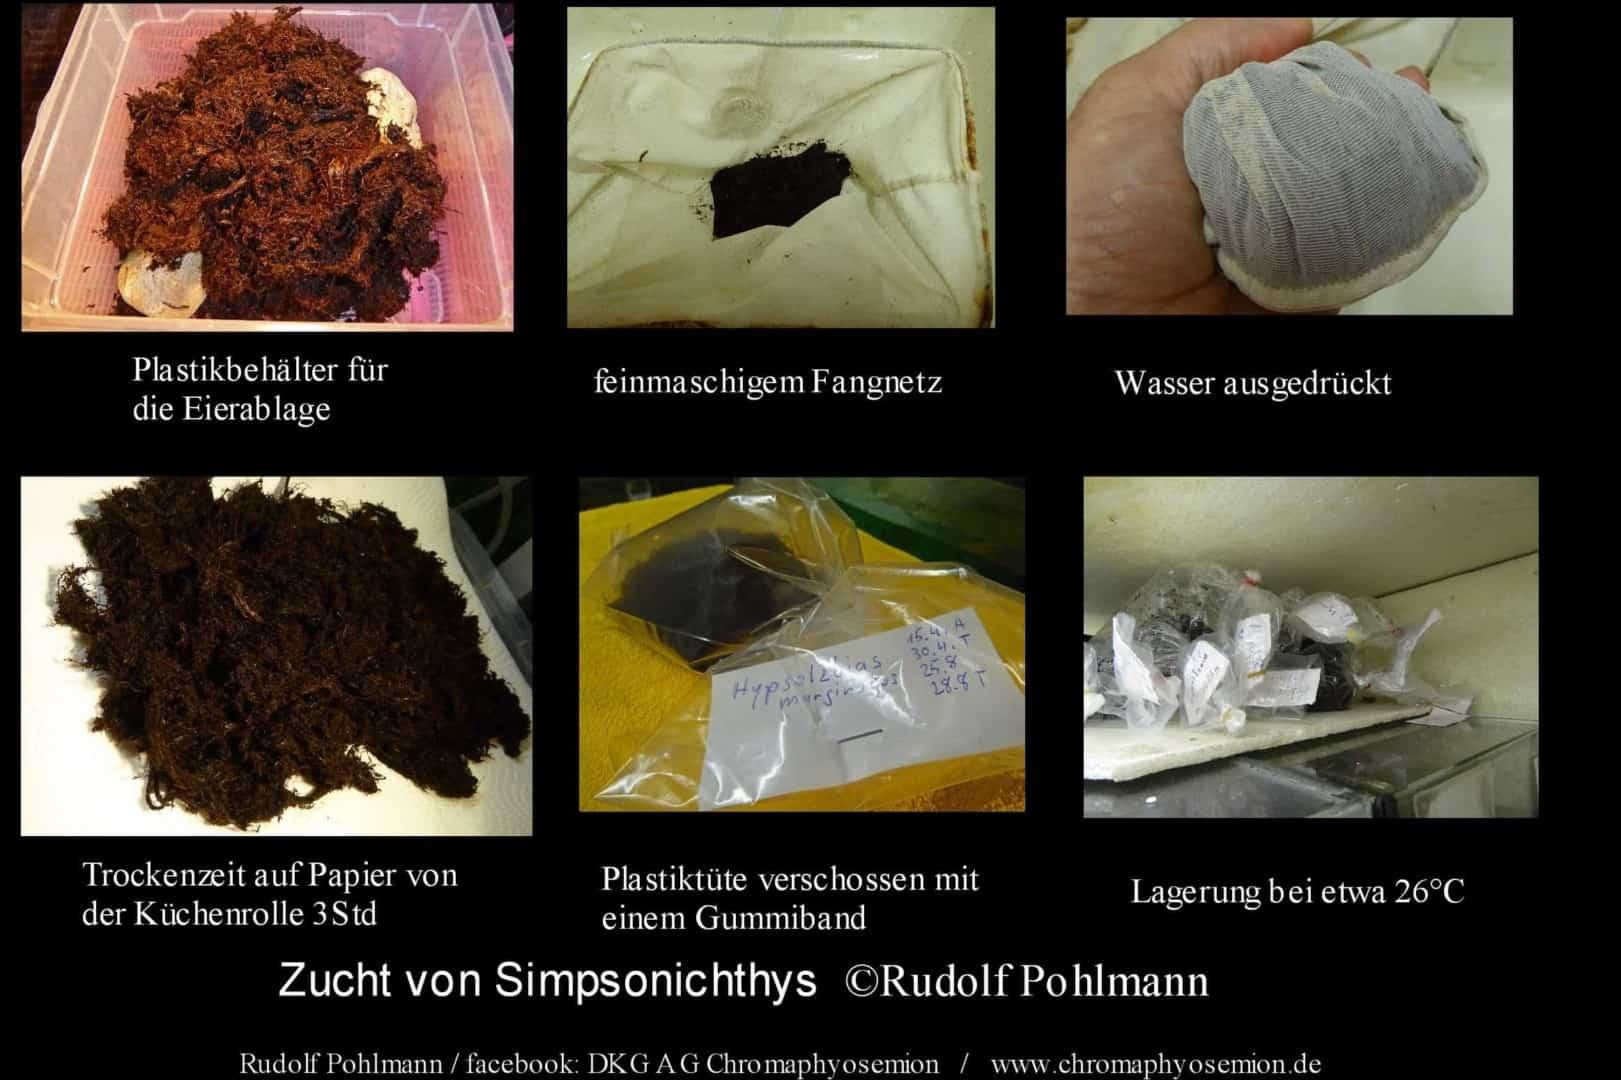 Simpsonichthys punctulatus – Punctulatus kleiner Fächerfisch 3